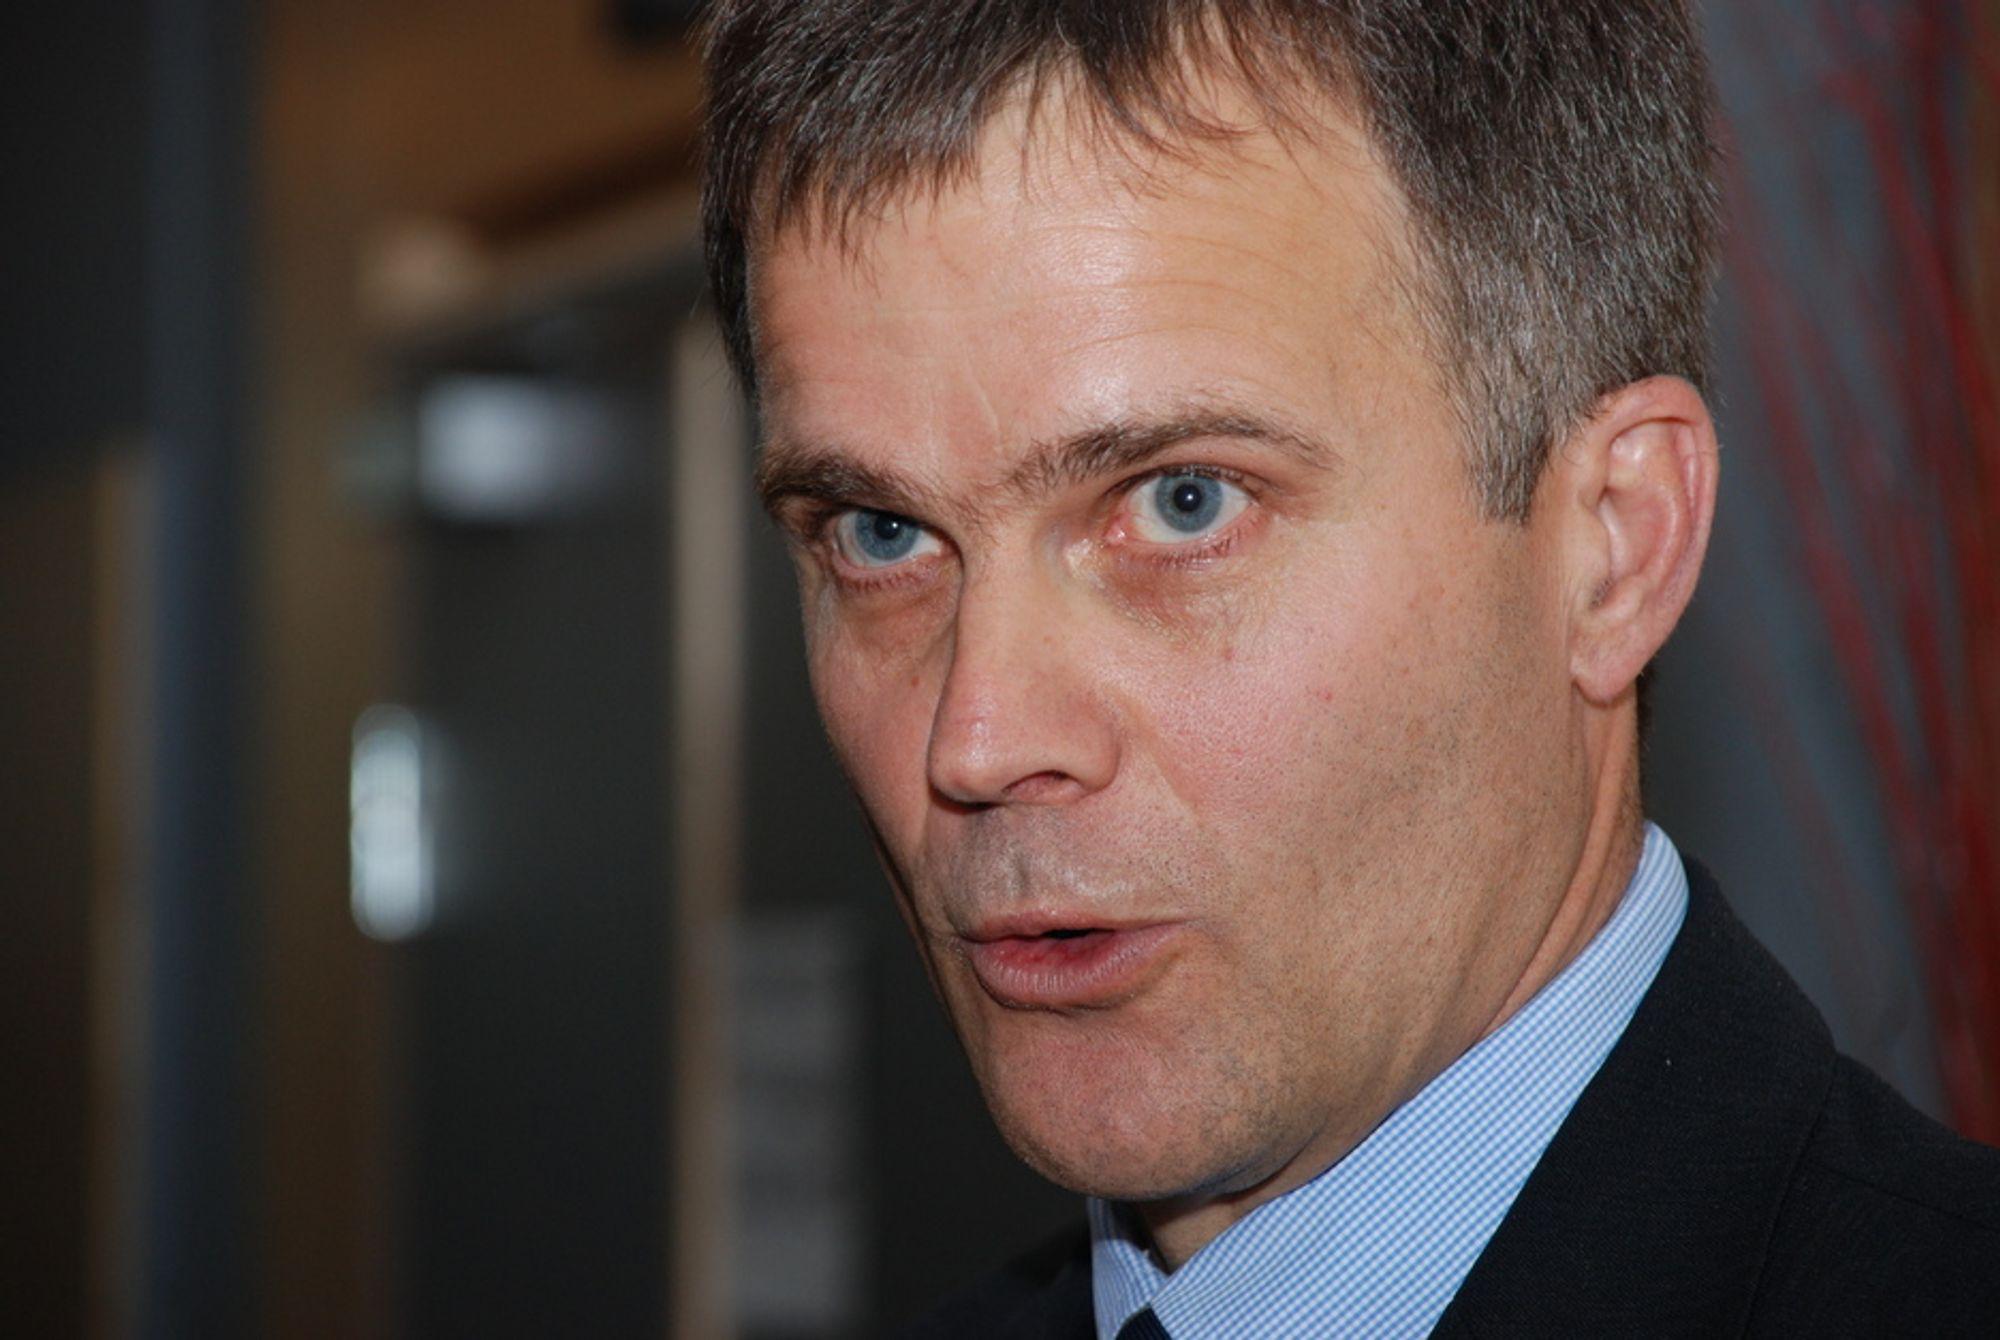 I LØVENS HULE: Nordmenn har lett for å glemme at den største andelen av CO2-utslipp fra kanadisk oljesand kommer når konsumenten starter bilen sin, sier Statoil-sjef Helge Lund, som forsvarte selskapets oljesand-investeringer under Zeros klimakonferanse på Gardermoen.